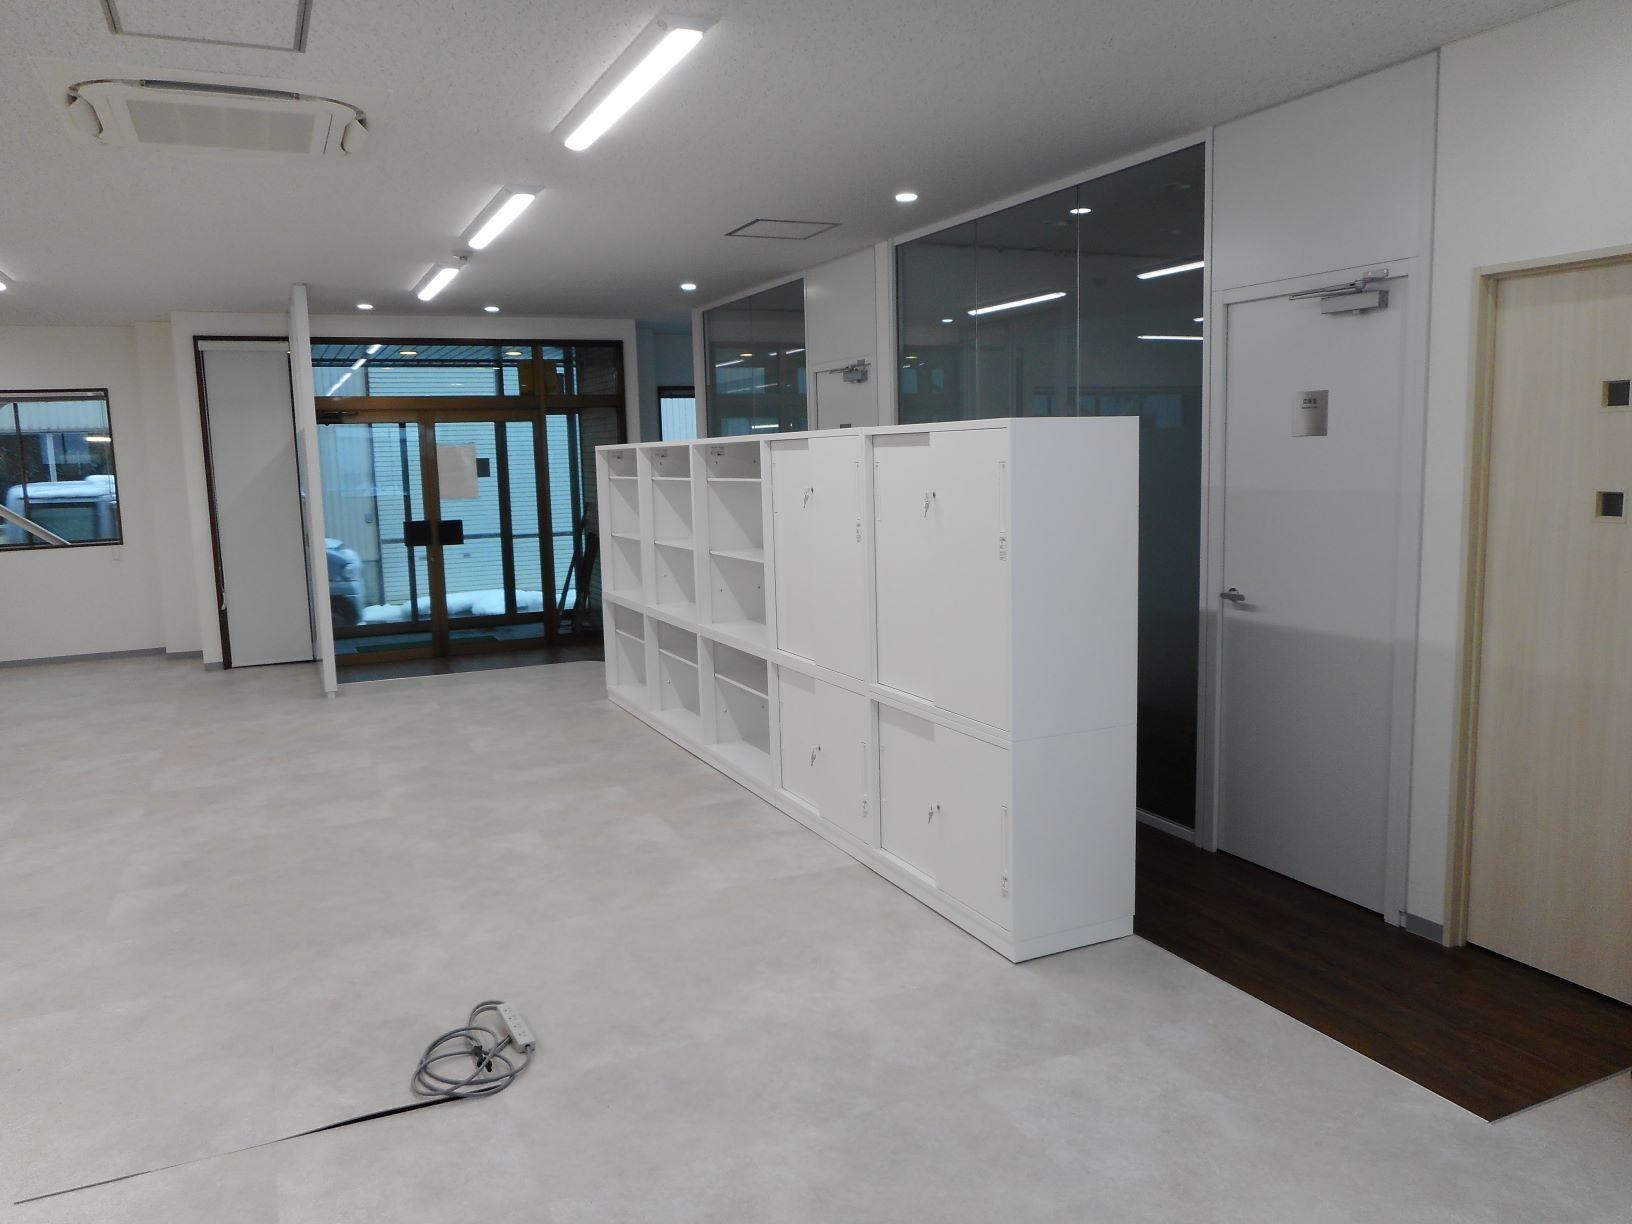 事務所の改修工事